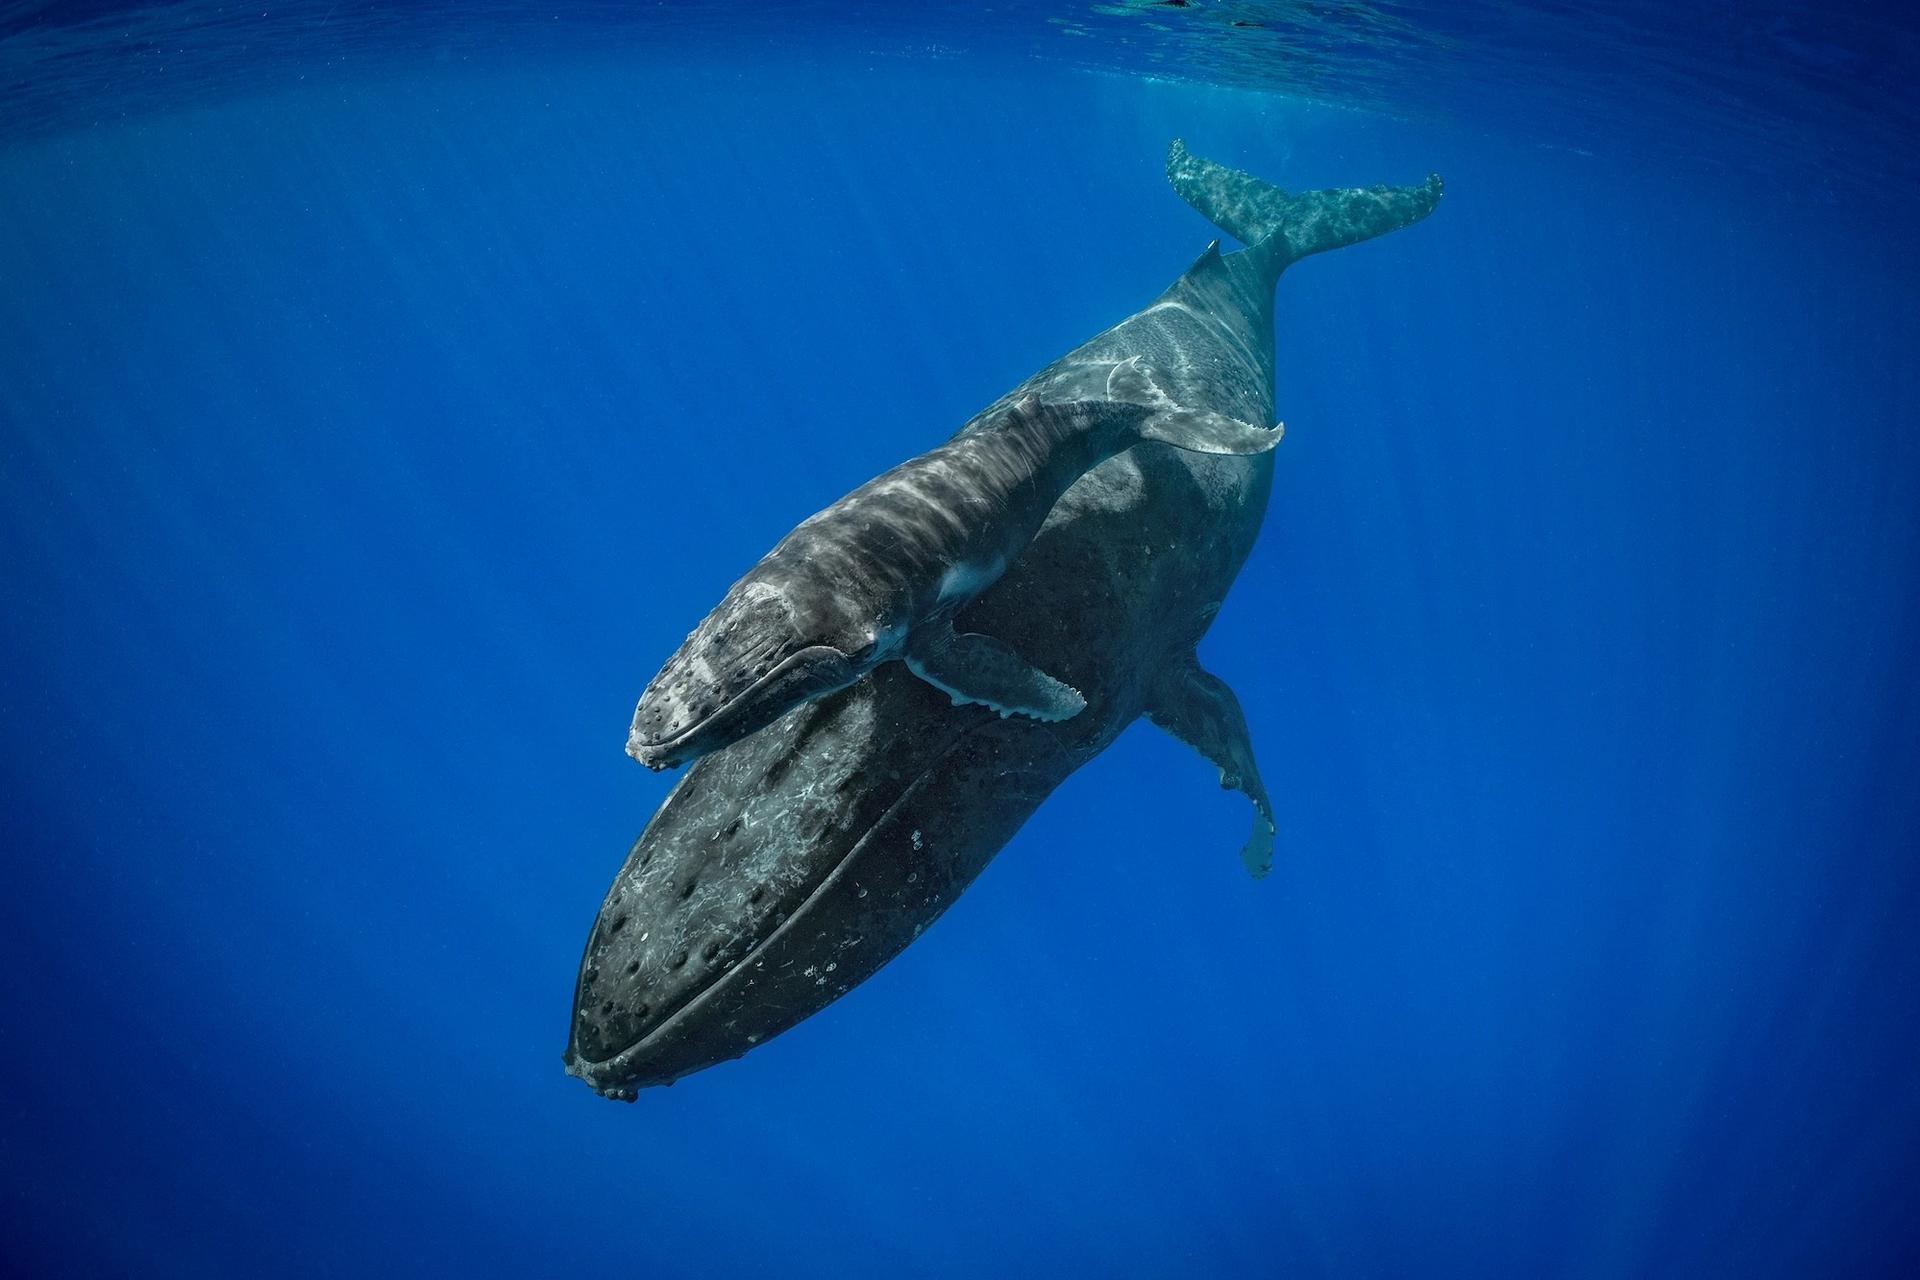 在東加的外海水域,座頭鯨母鯨和幼鯨會共度將近一年時間,因為母鯨會教導幼鯨如何生存。PHOTOGRAPH BY BRIAN SKERRY